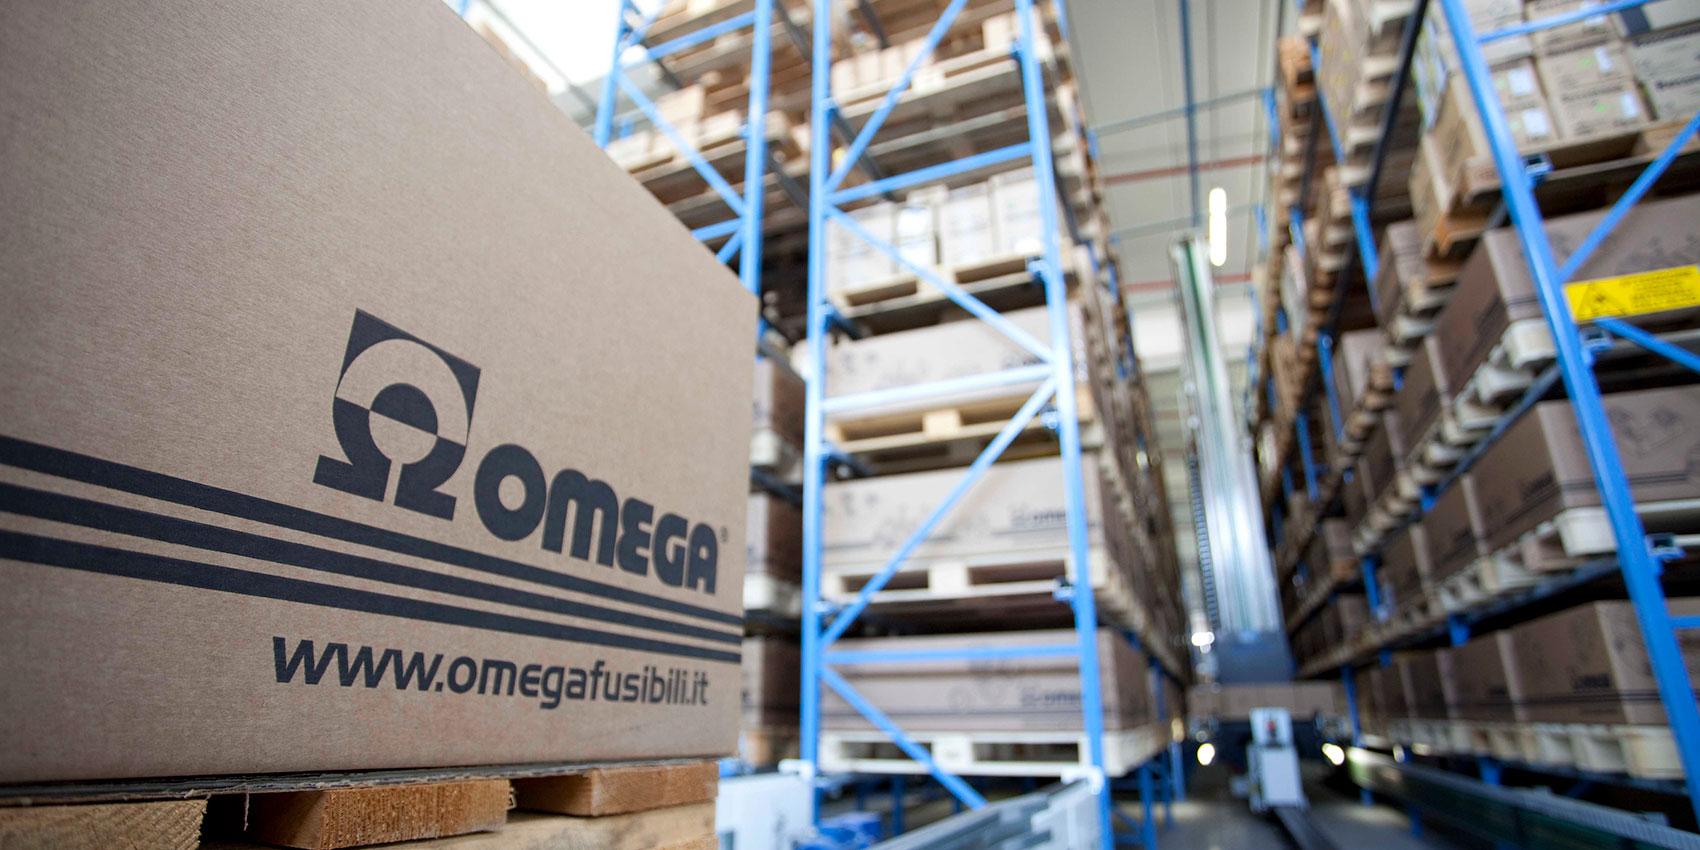 omega-fusibili-sede-magazzino